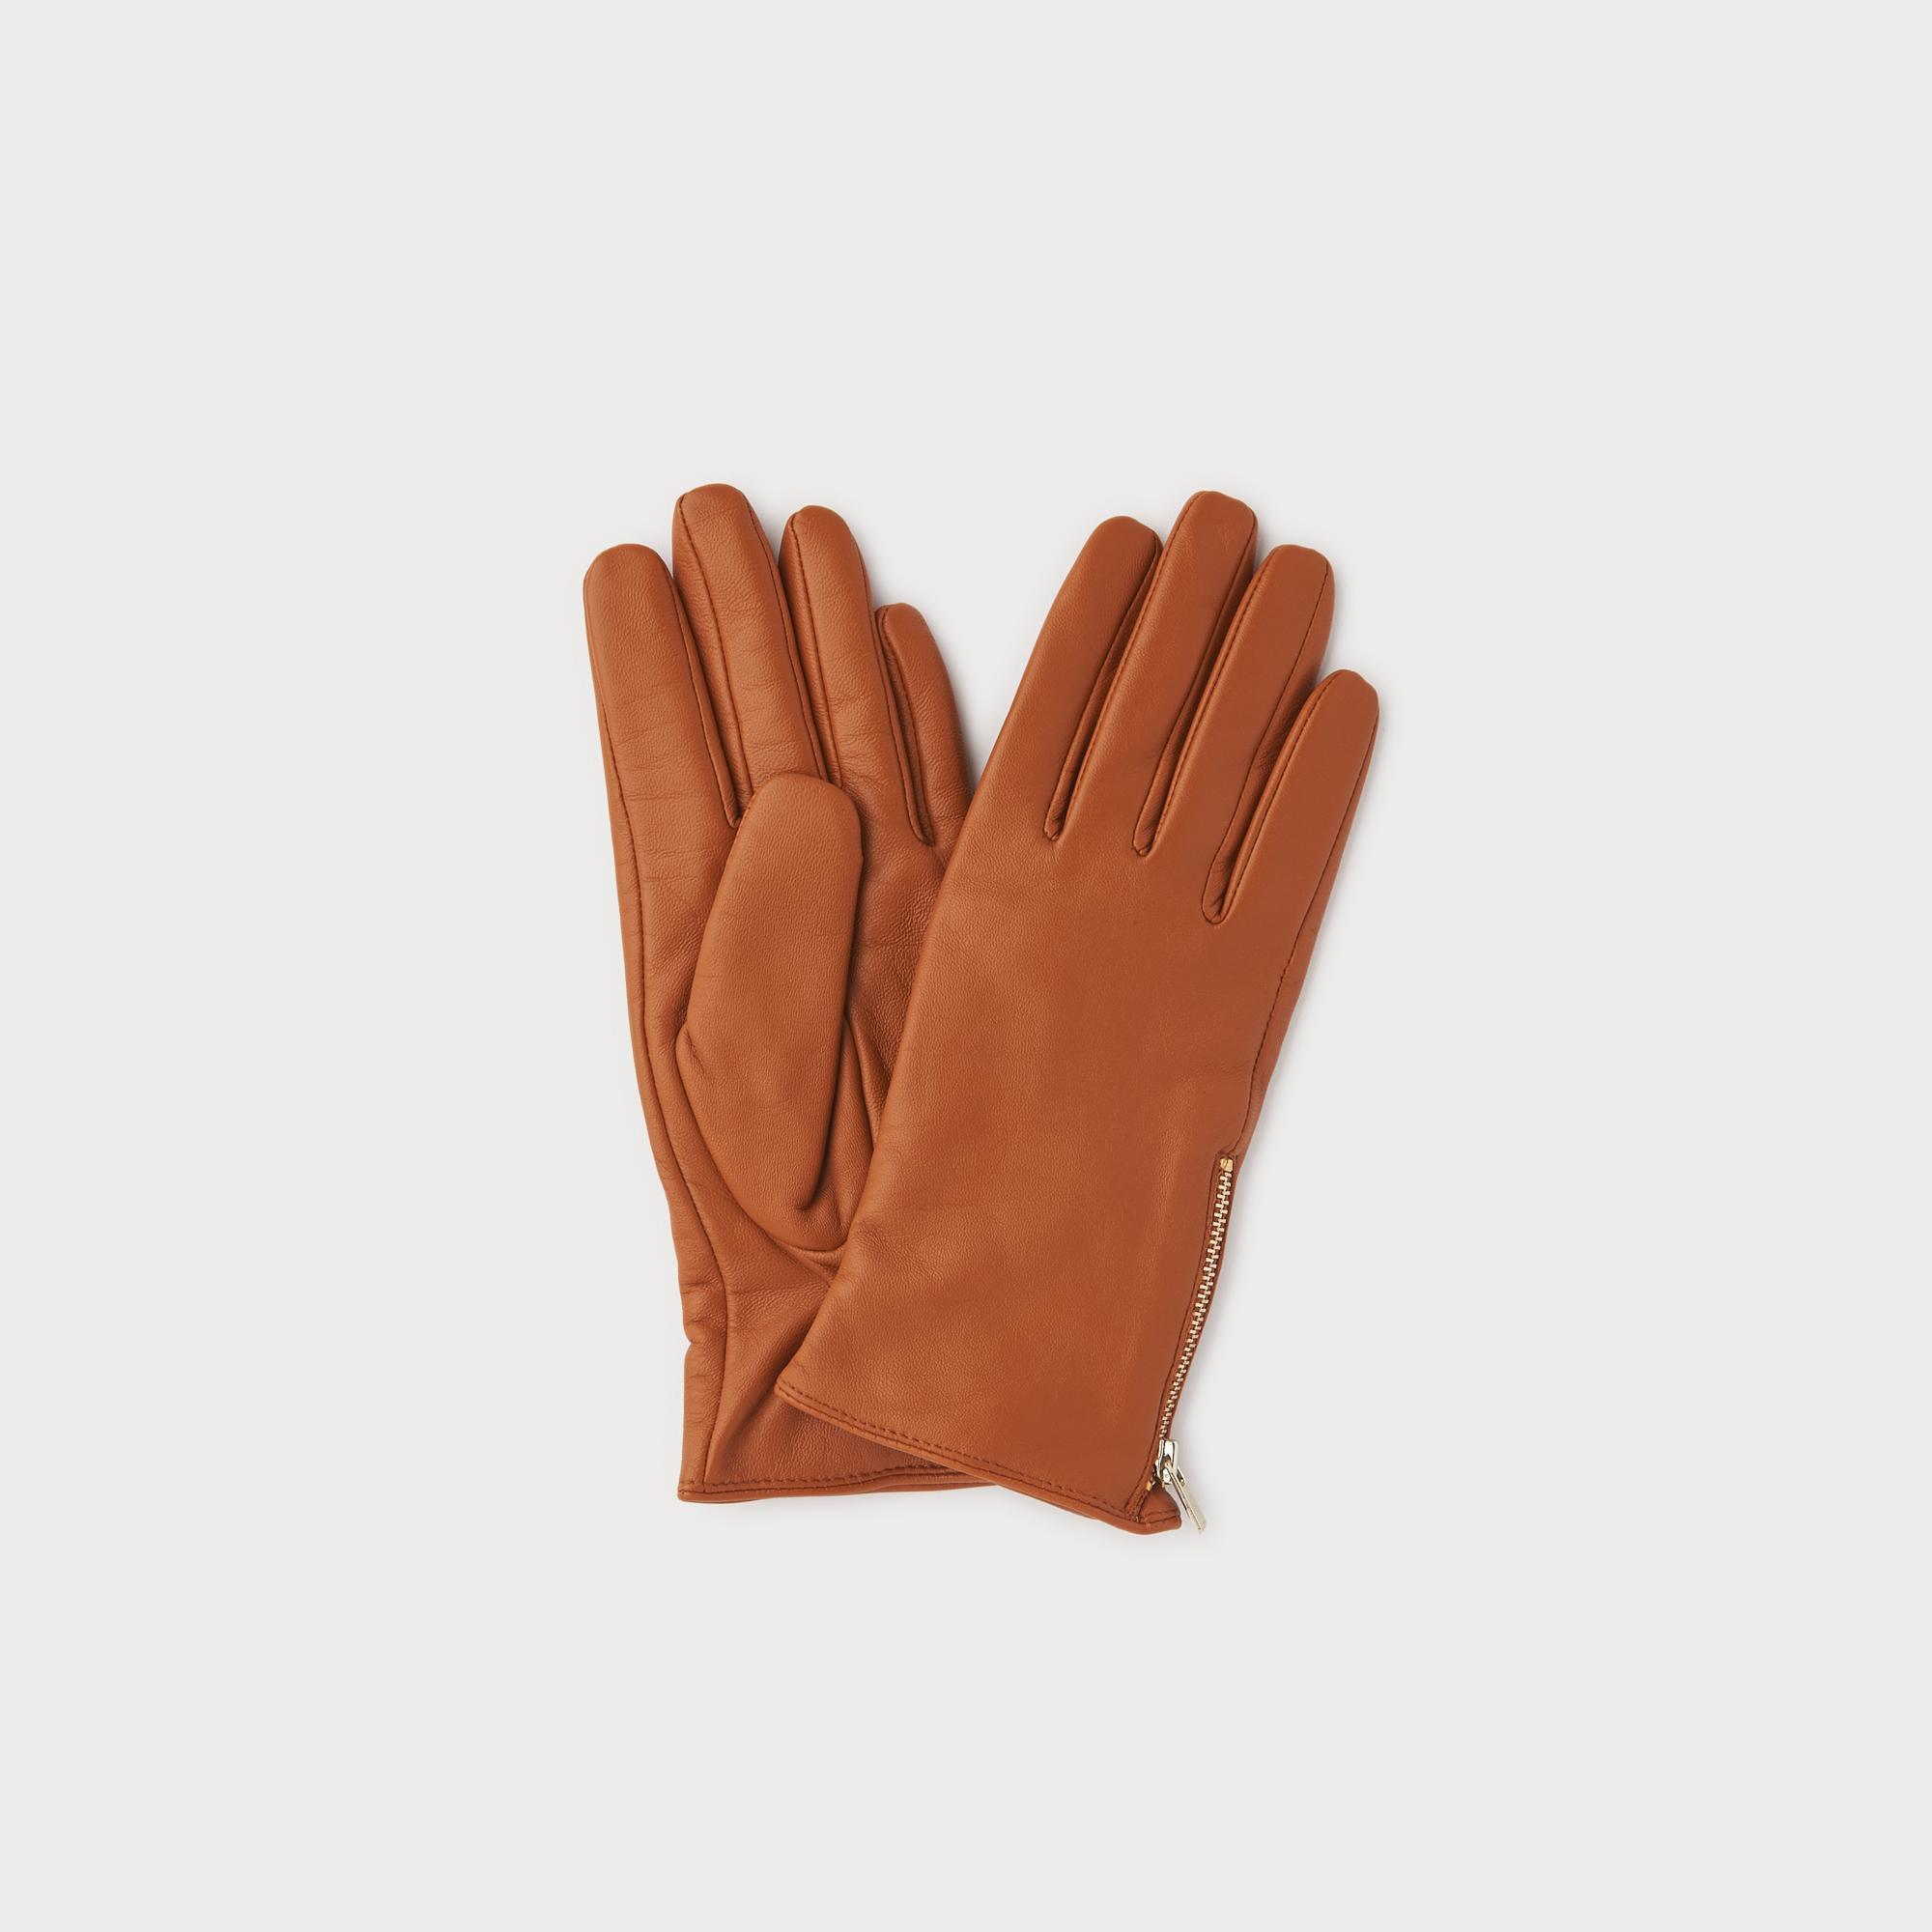 Kiera Tan Leather Gloves by L.K.Bennett